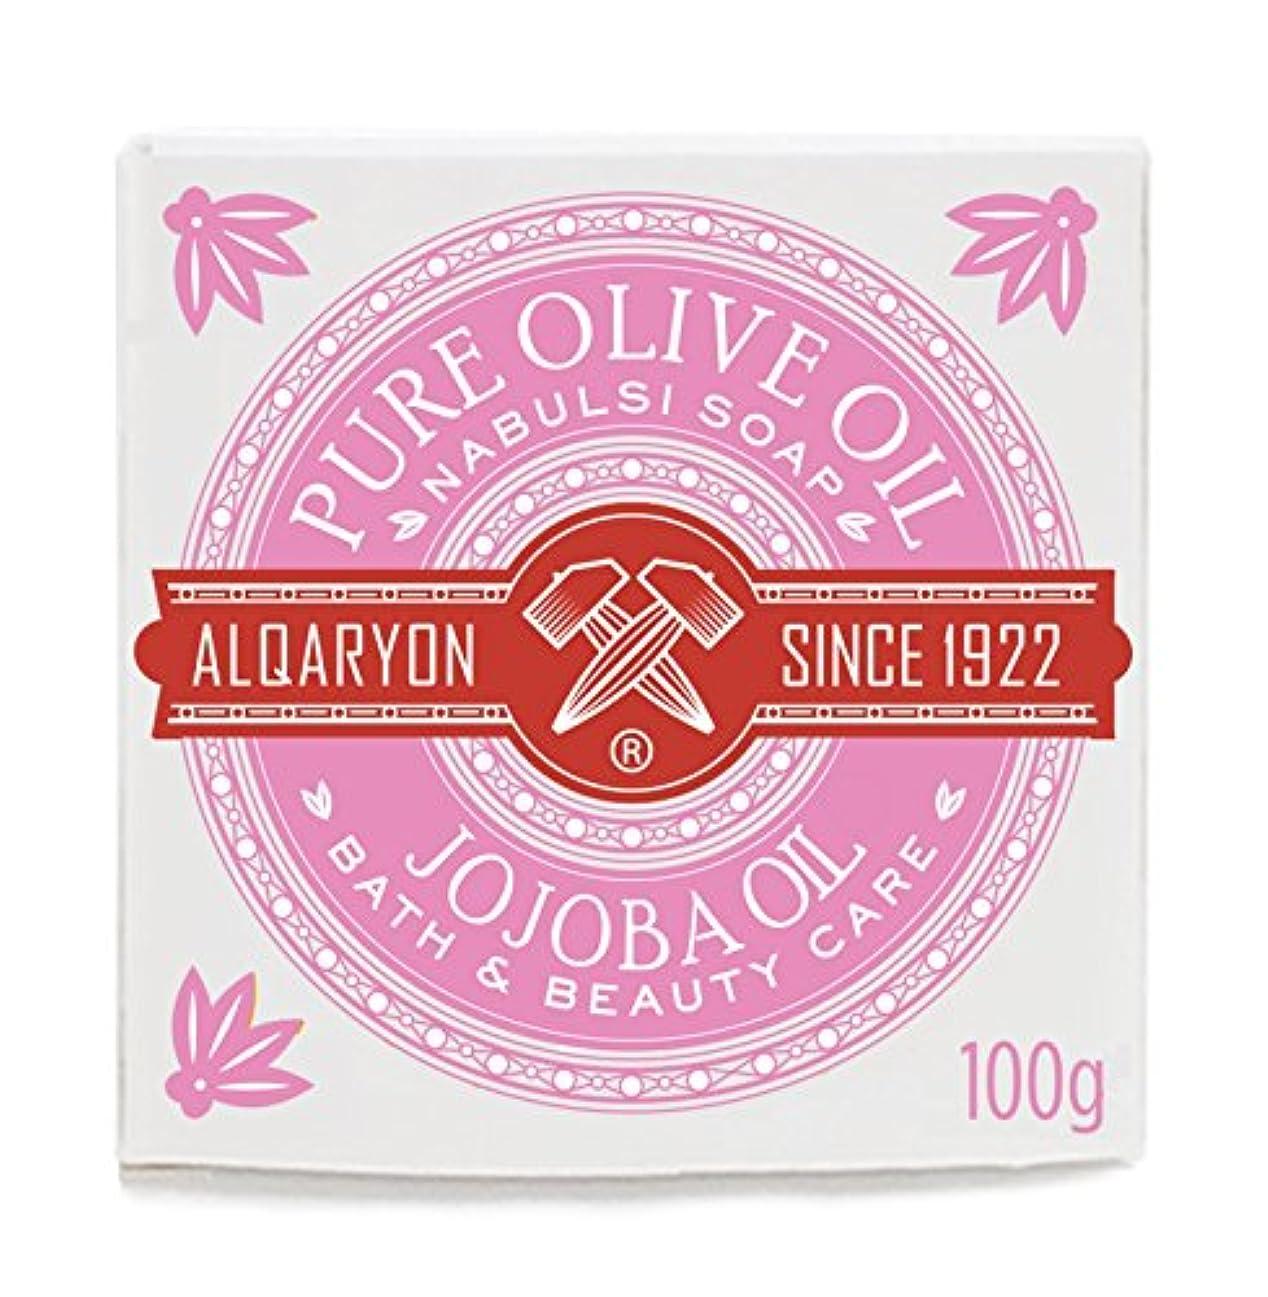 分散最もこしょうAlqaryon Jojoba Oil & Olive Oil Bar Soaps, Pack of 4 Bars 100g - Alqaryonのホホバ オイルとオリーブオイル ソープ、バス & ビューティー ケア、100g...